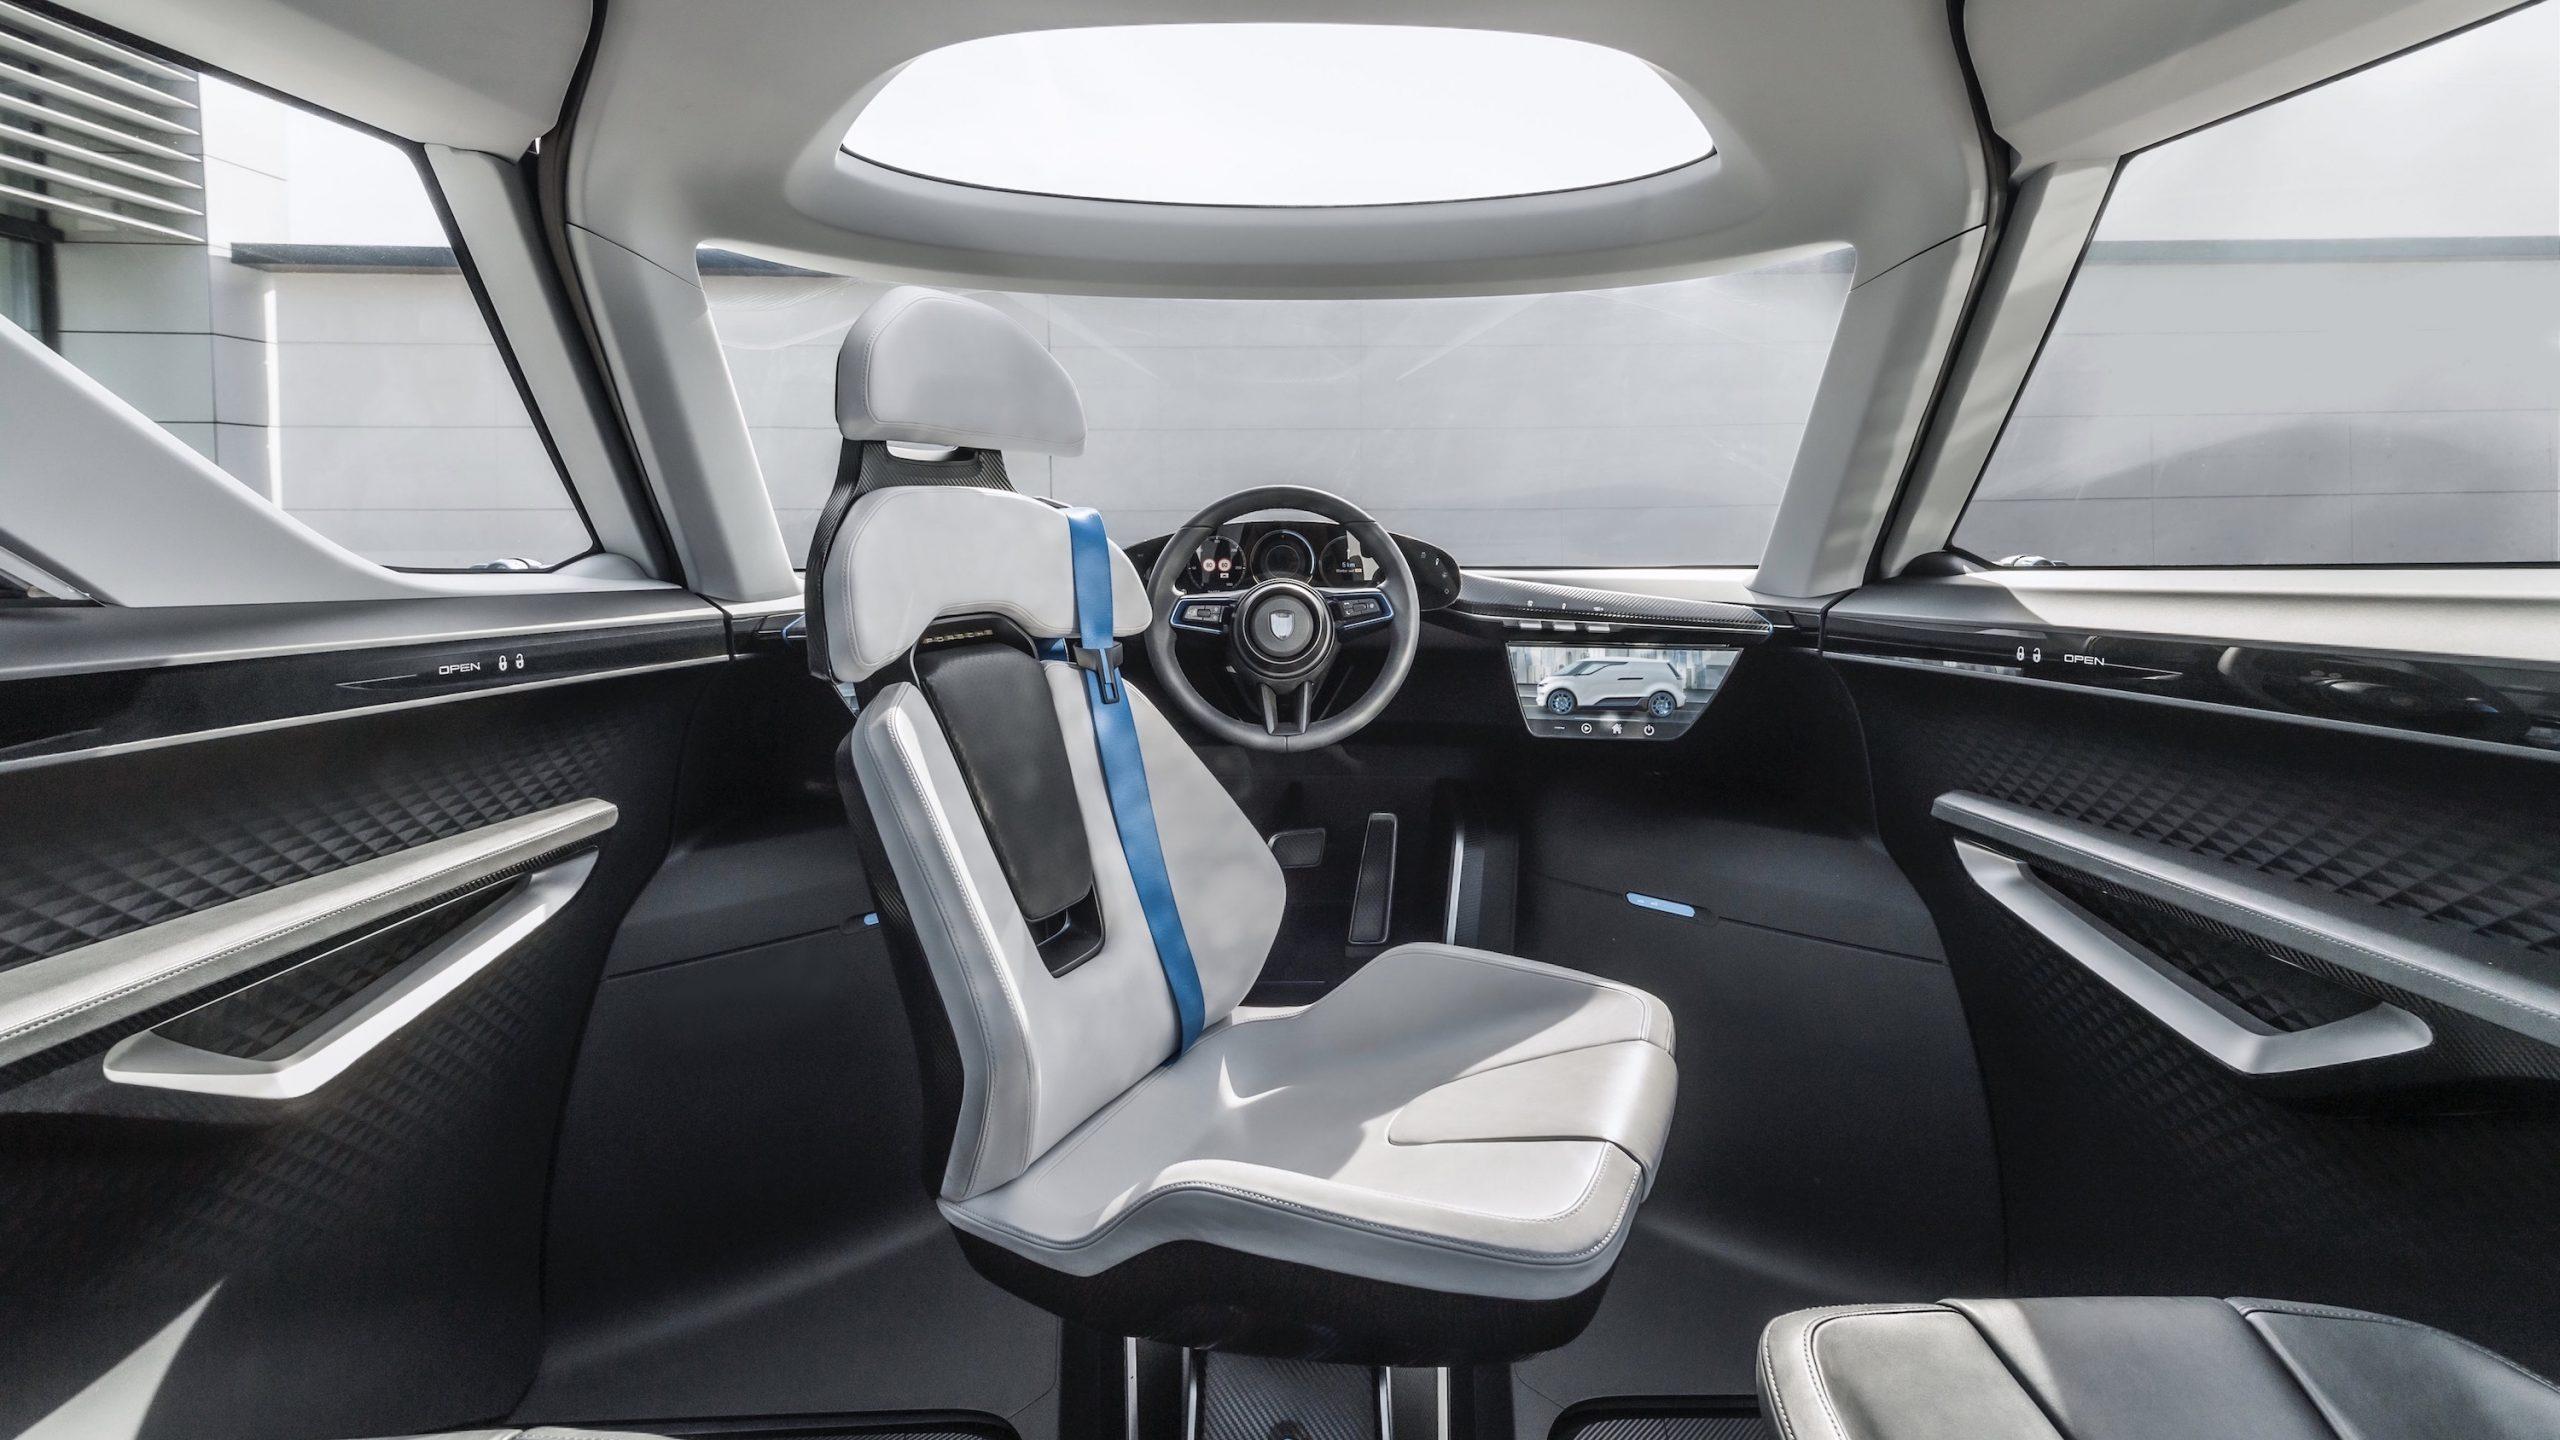 Porsche Renndienst interior 4